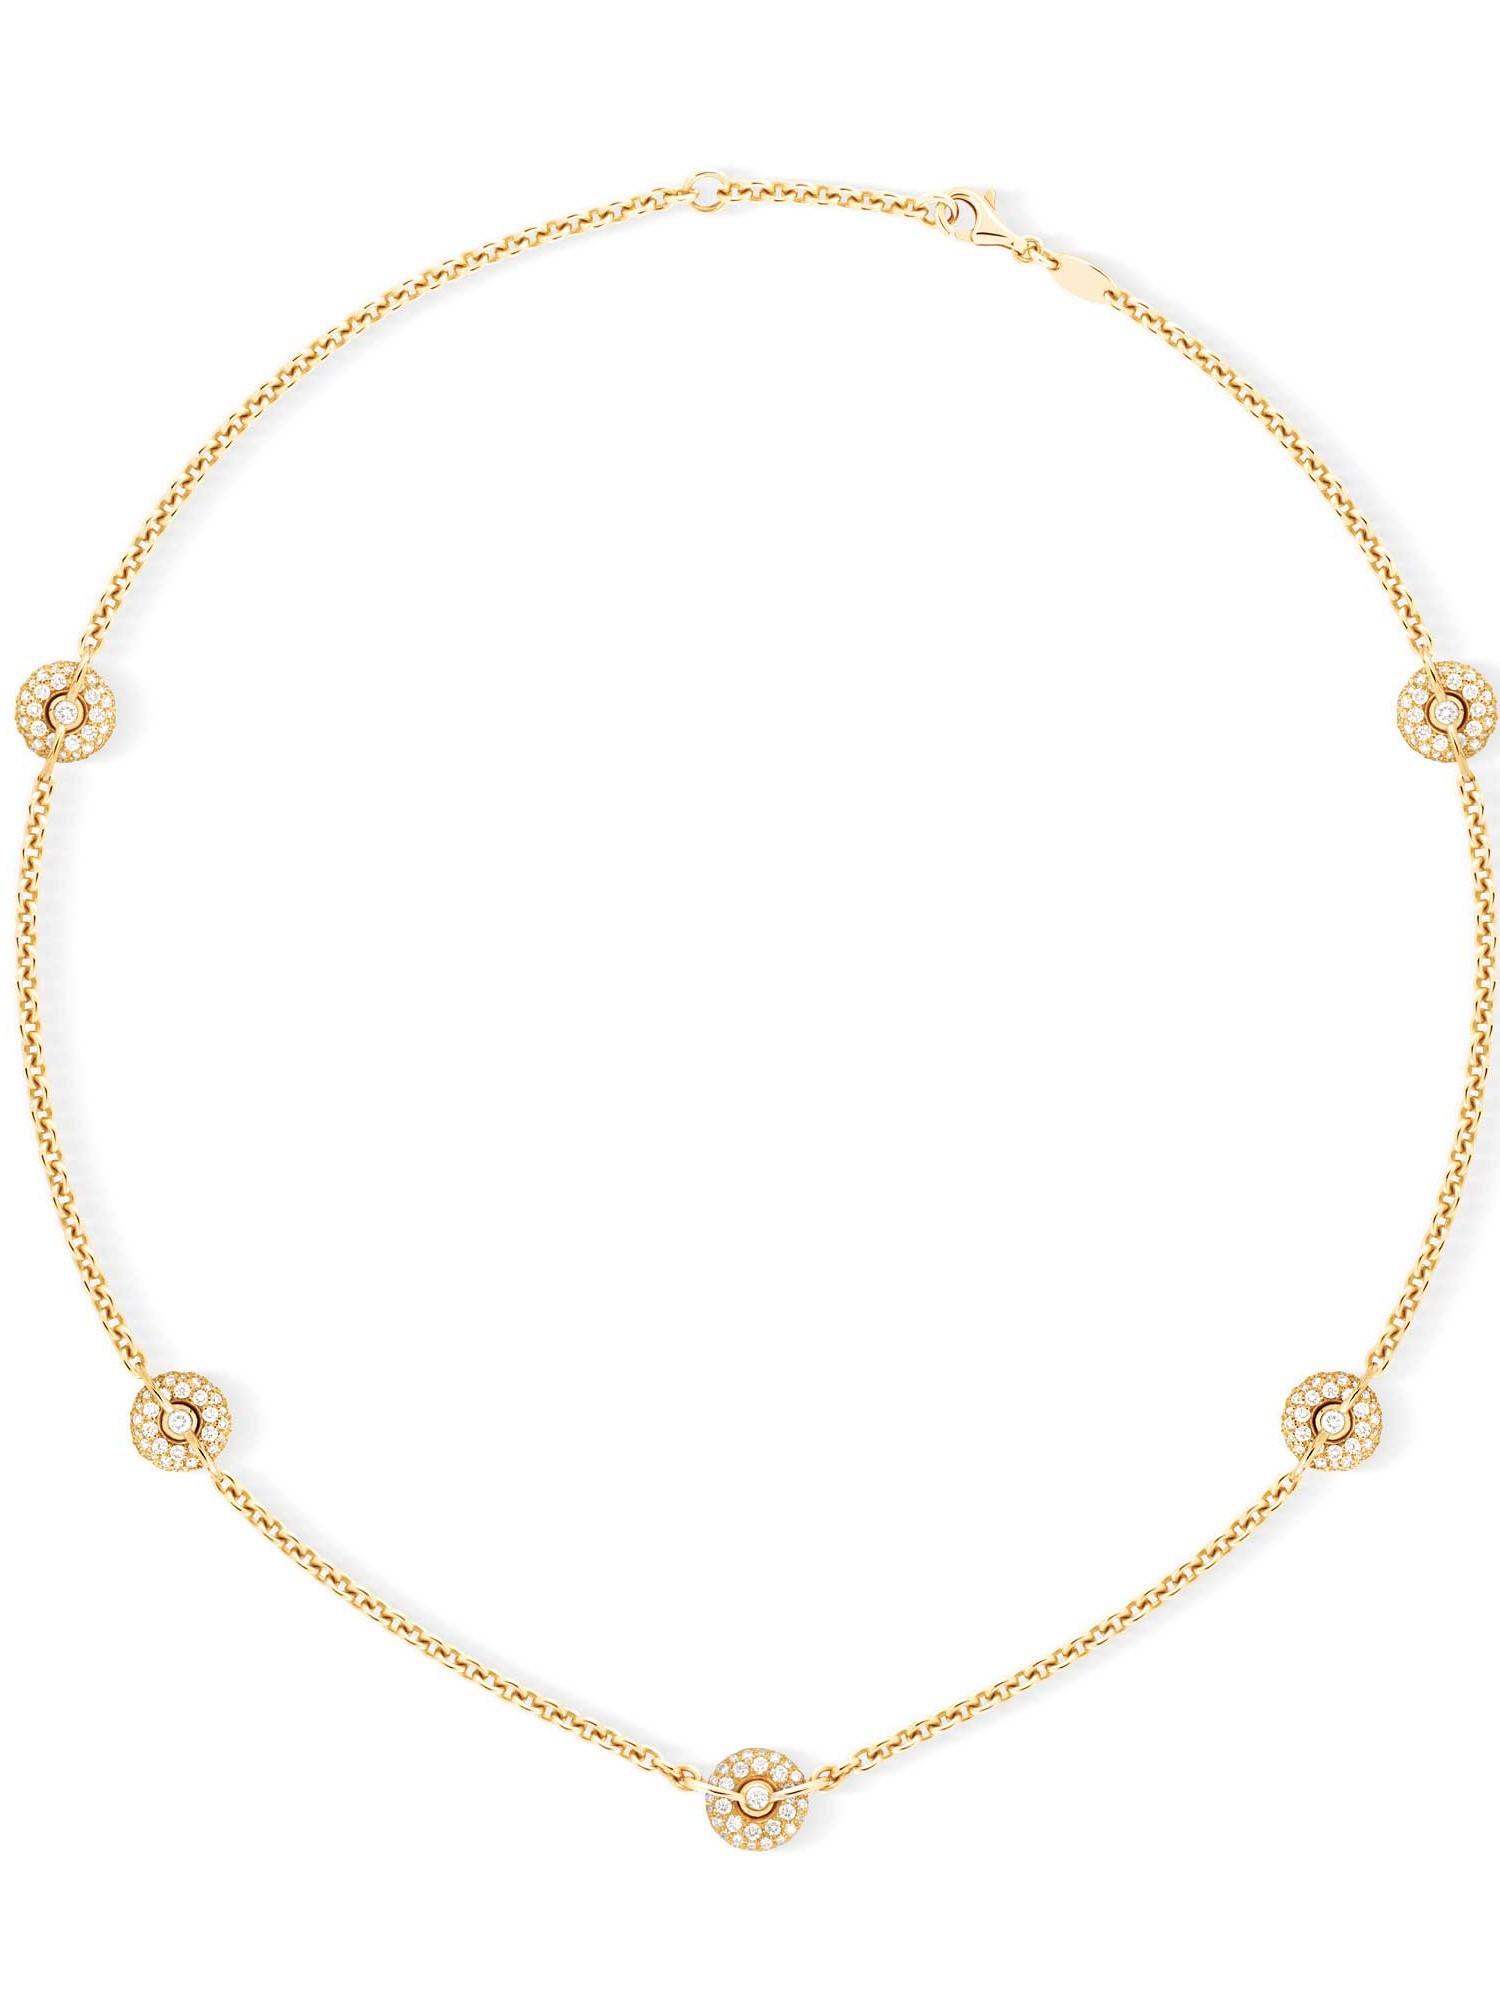 Collier chaine or jaune pavage diamants 5 bouées - Joaillerie Canaglia Paris-Milan